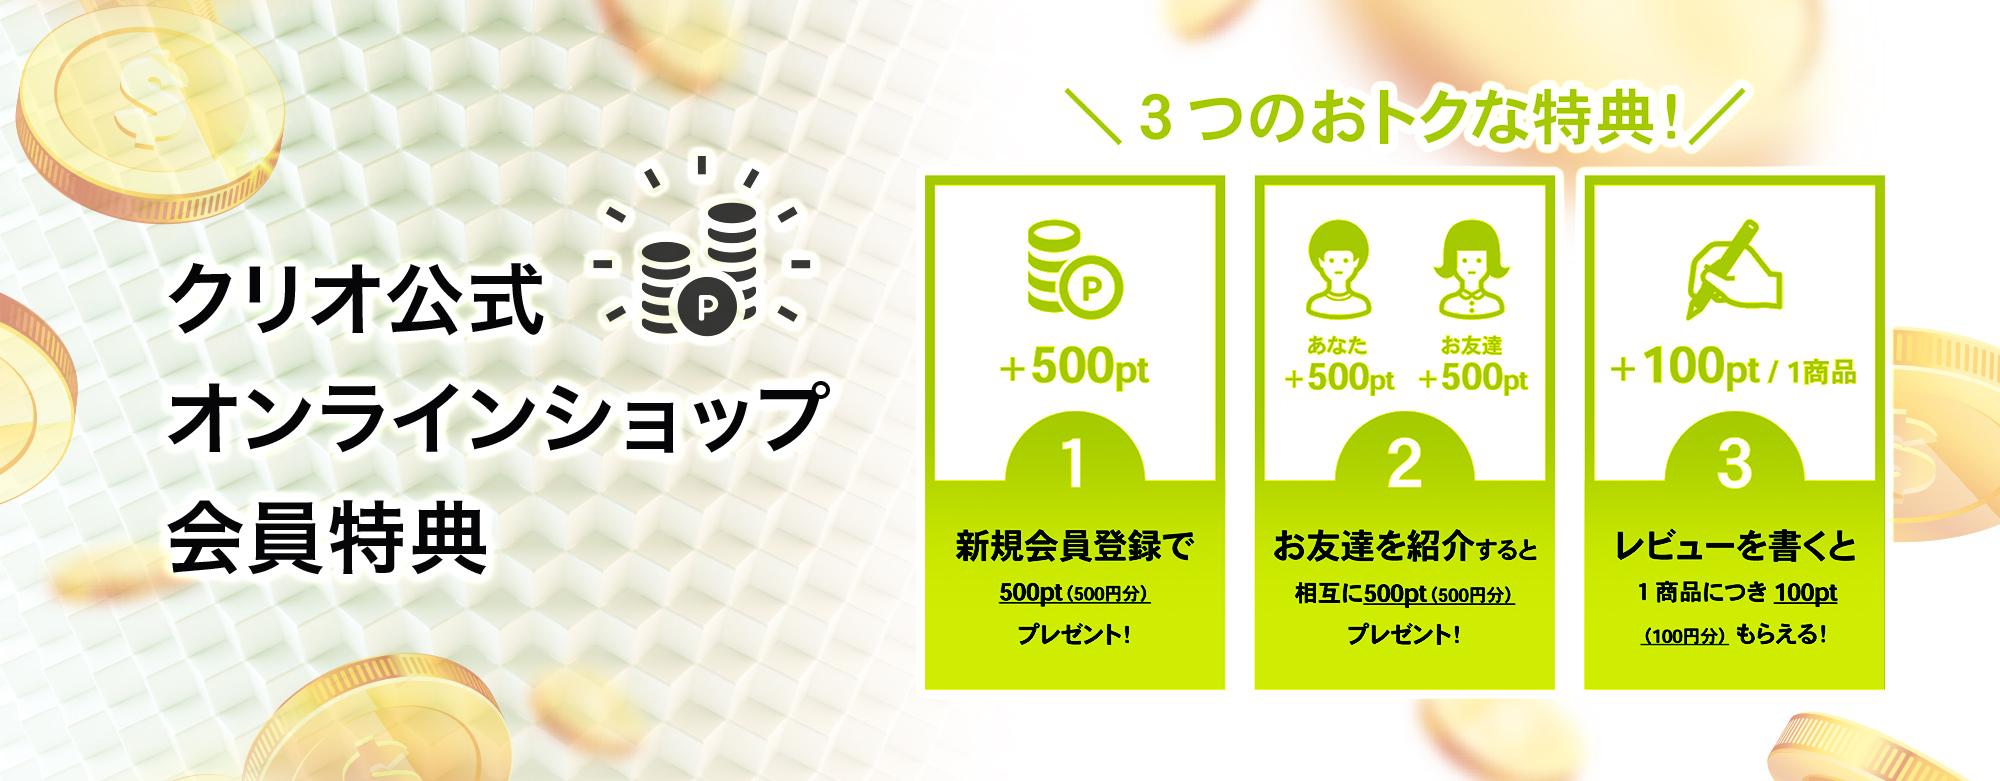 クリオ【新モデル】リフティングストラッププロ シングルループタイプ・ラッソタイプ